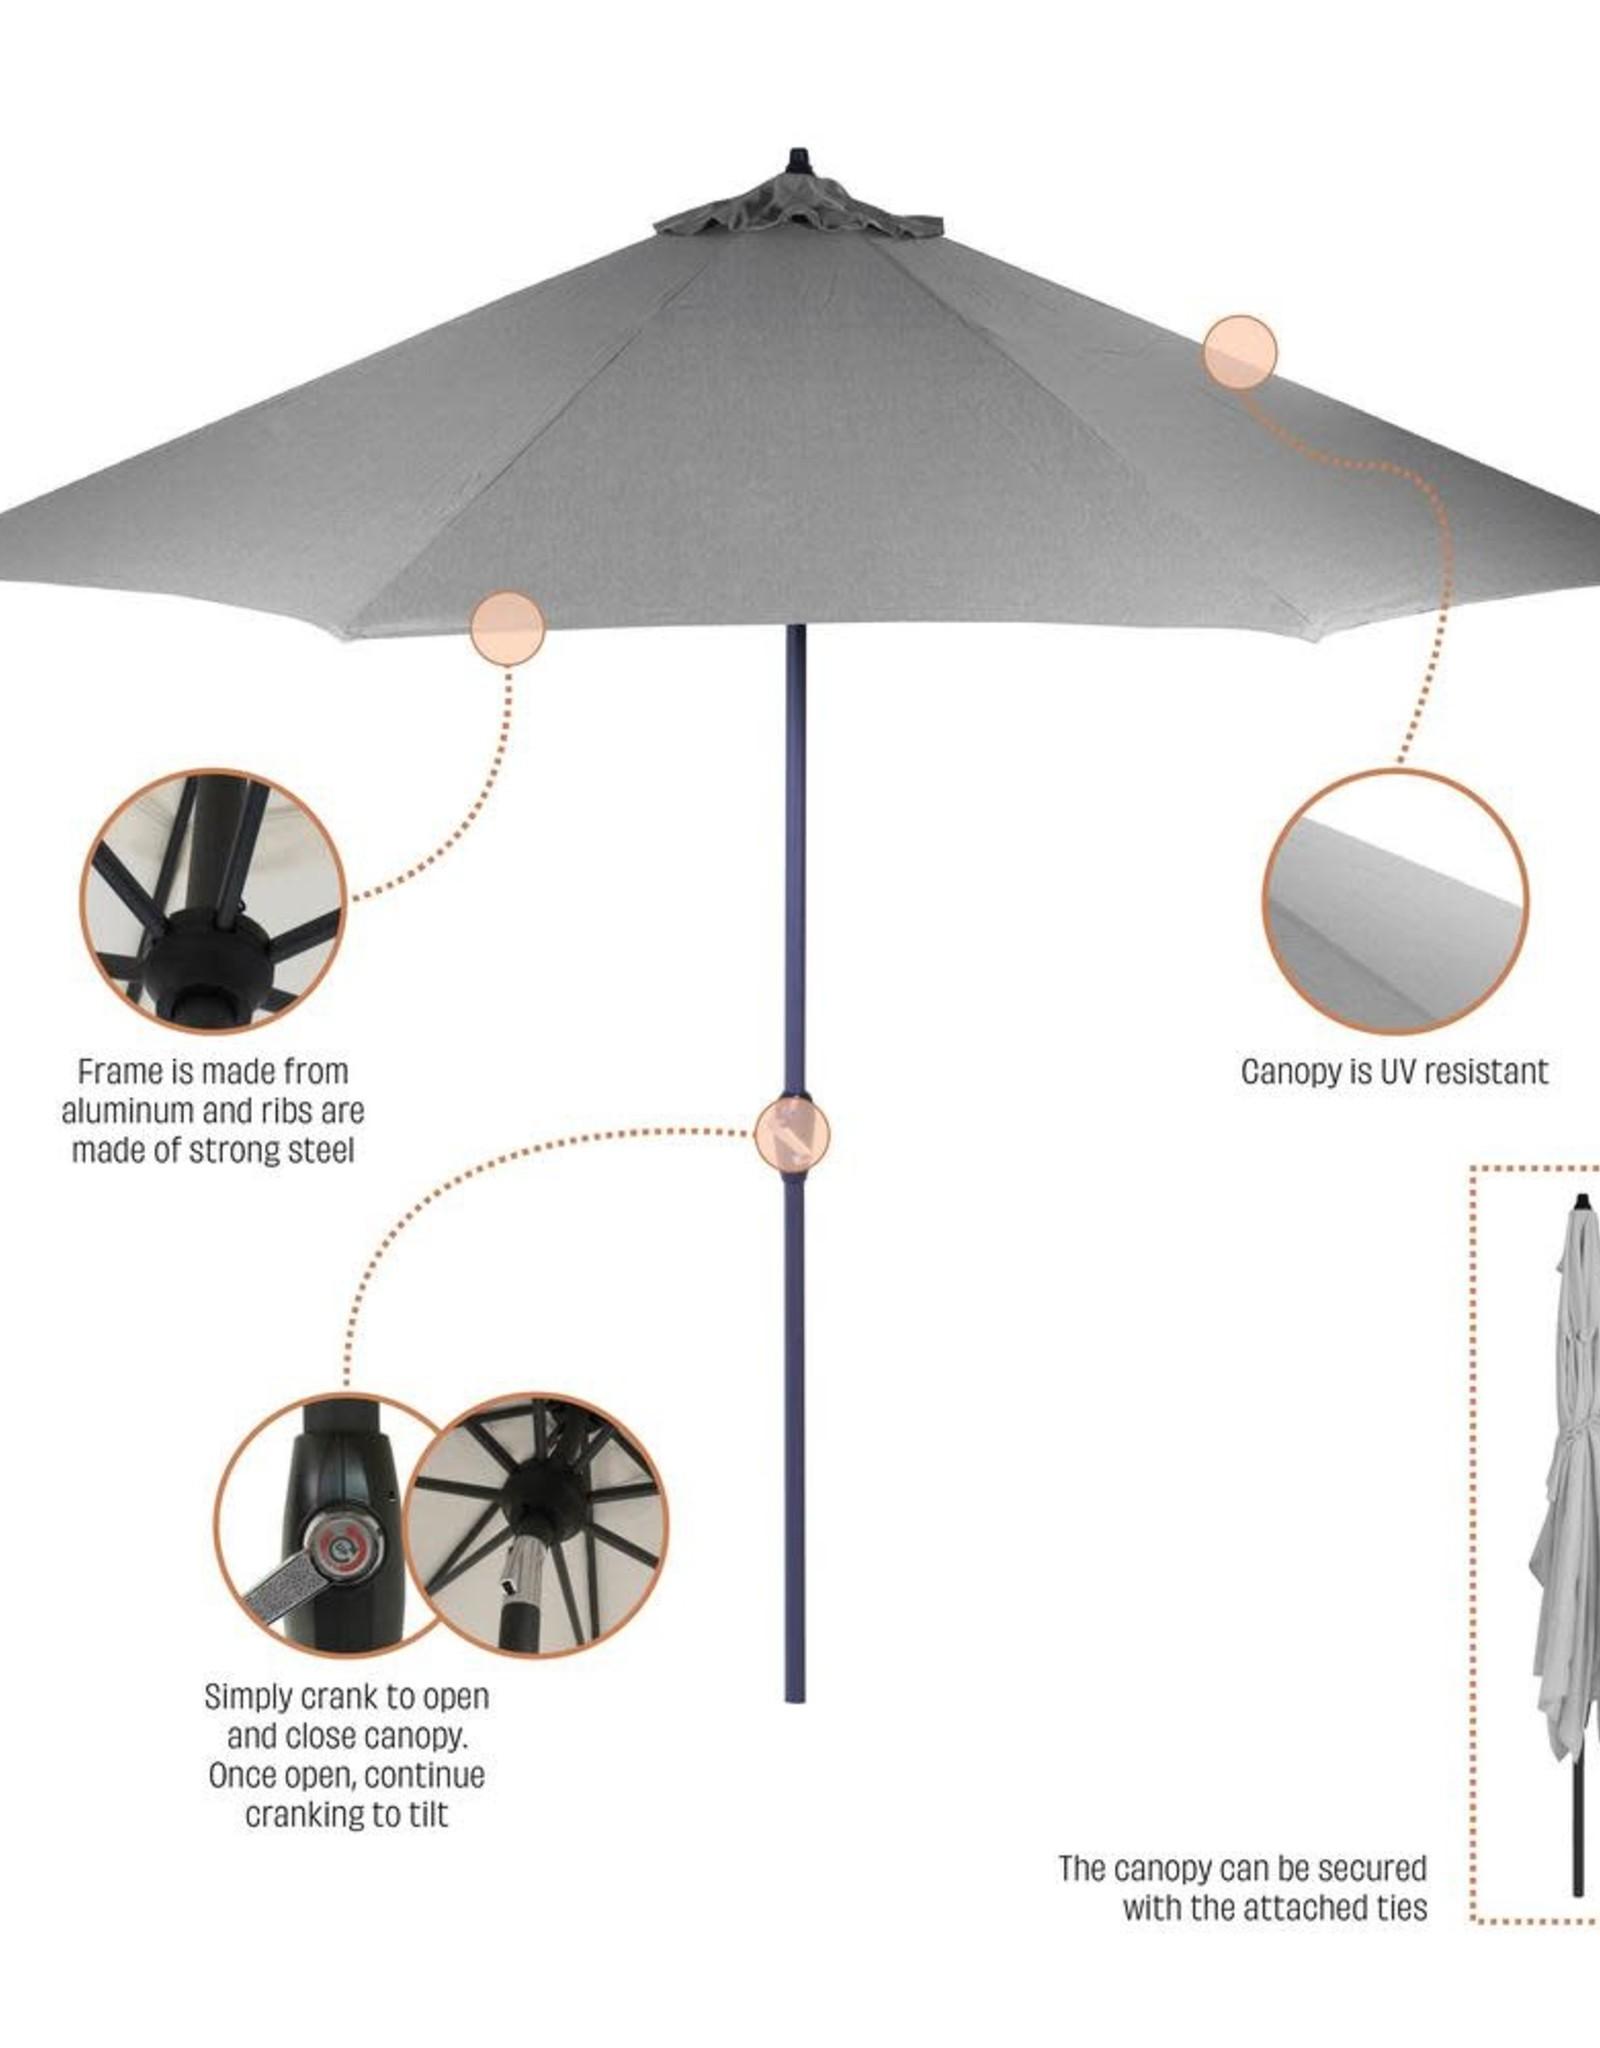 Hampton Bay 10 ft. Aluminum Auto-Tilt Market Outdoor Patio Umbrella in Chili Red